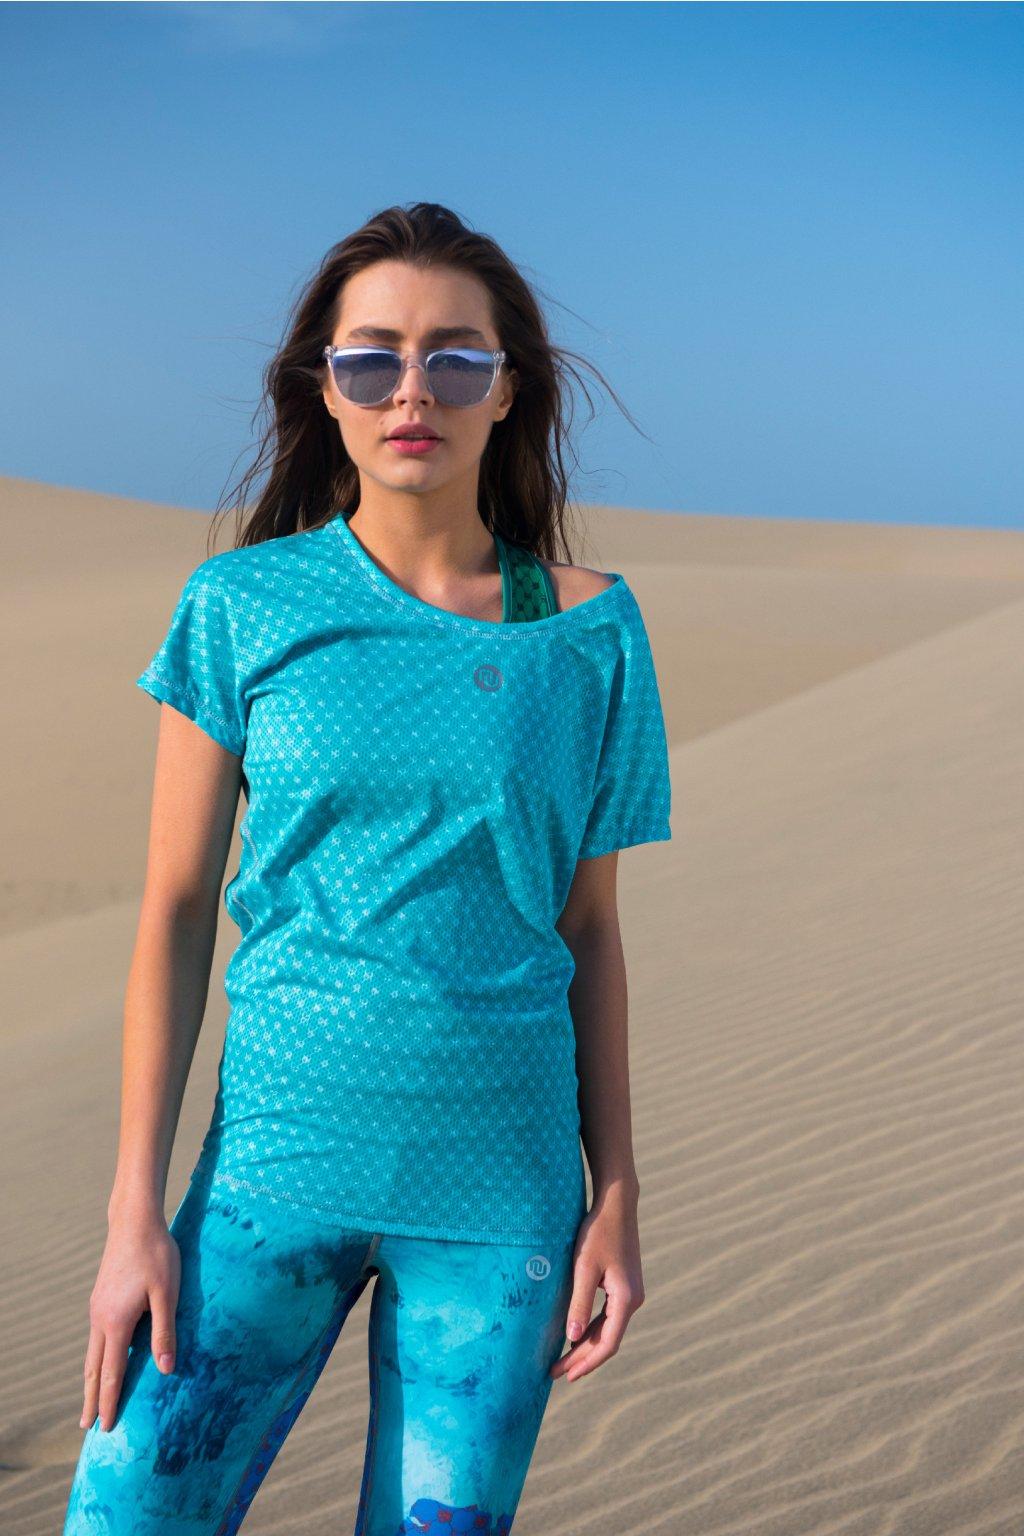 Dámské Tričko s netopýřími rukávy OTD-9G6 - Galaxy Turquoise